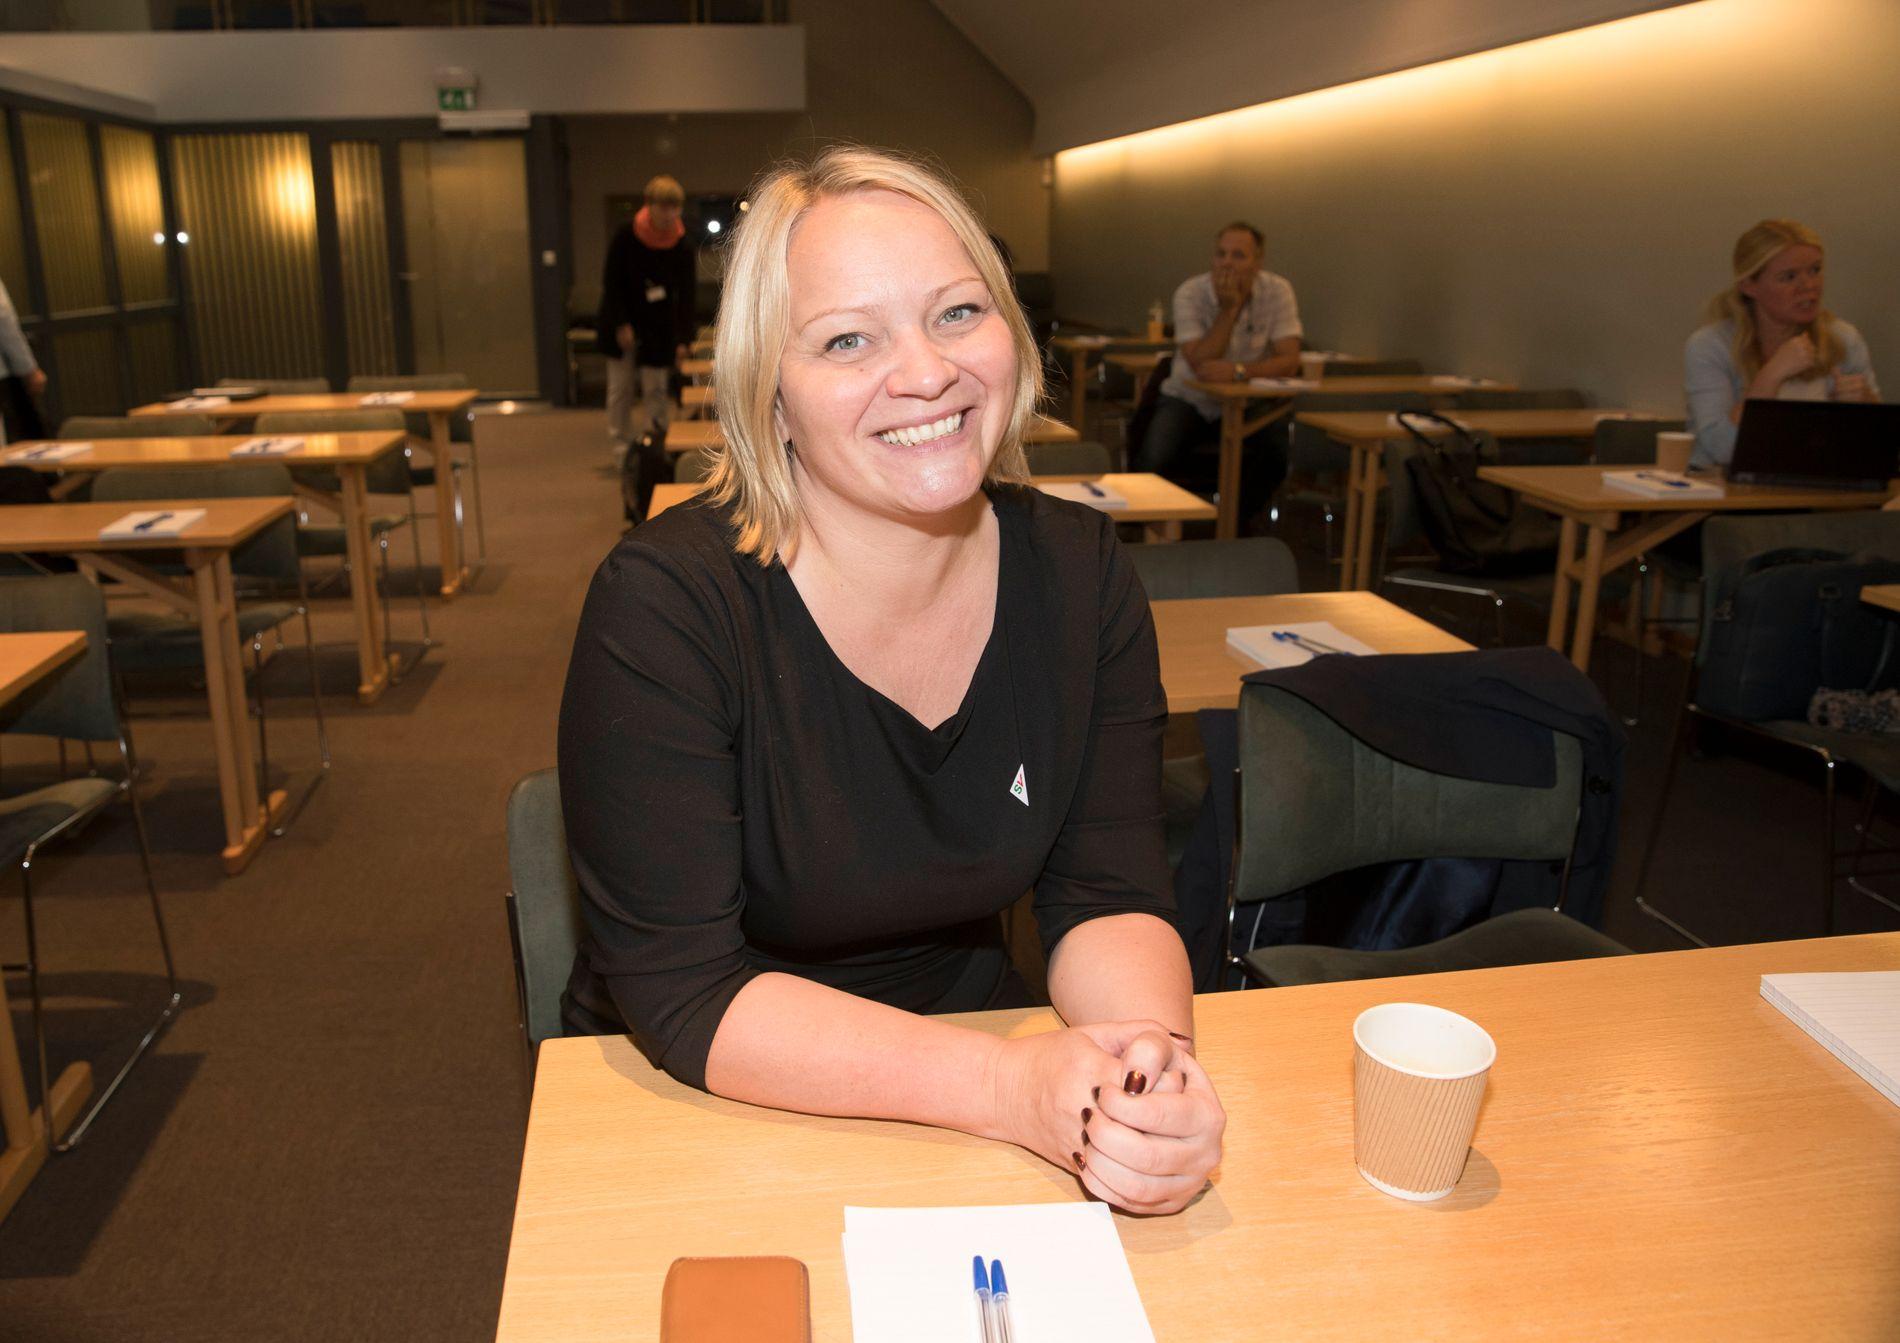 LÆRER OG STORTINGSKVINNE: Mona Fagerås representerer Nordland og SV på Stortinget. Hun har lang erfaring både som lærer for skolestartere og som rektor.